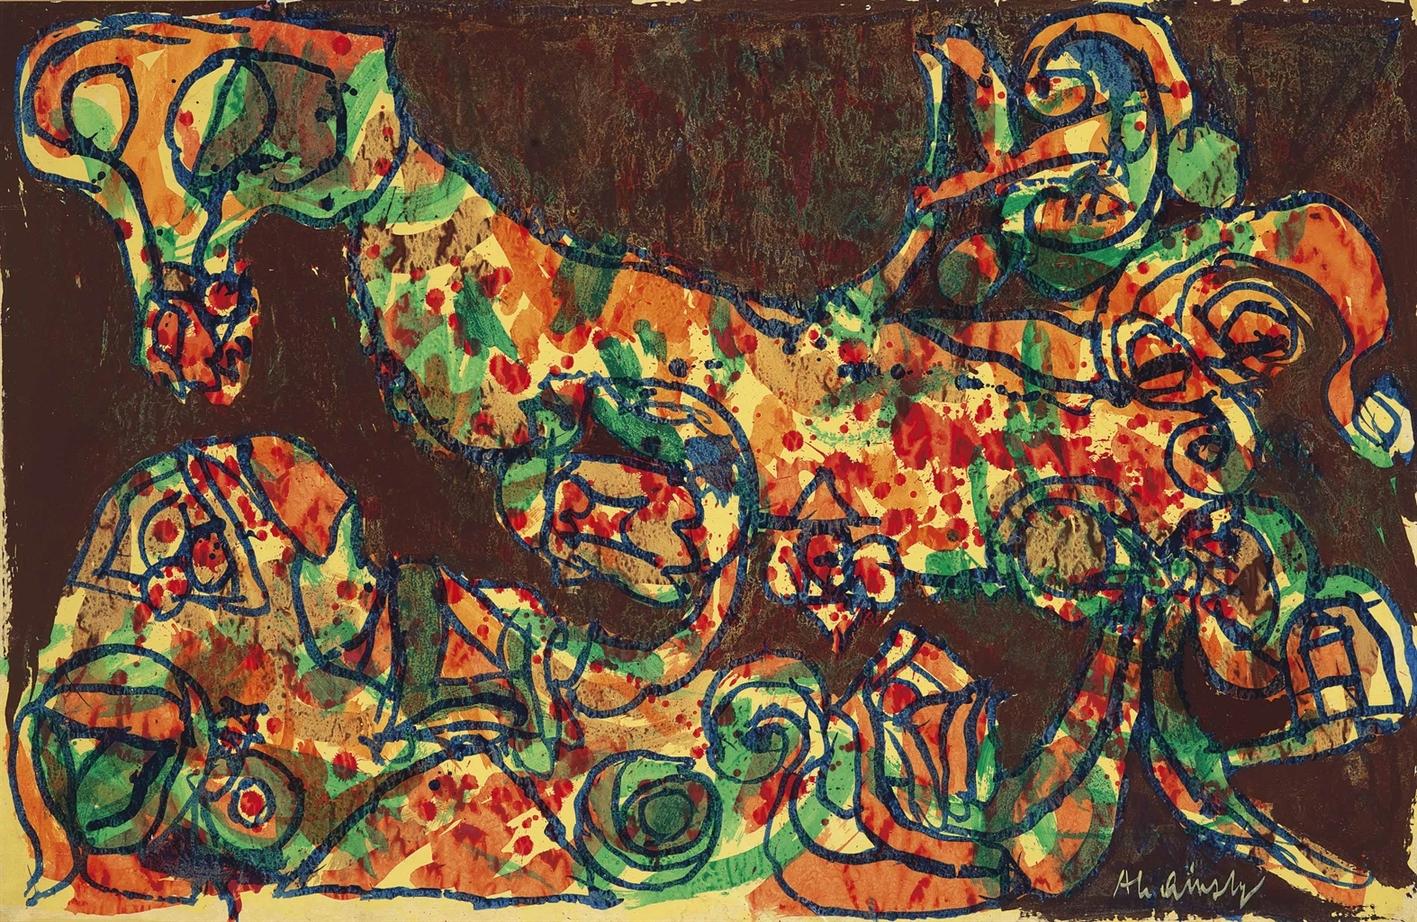 Pierre Alechinsky-Mante Portugoise (Portugese Mantis)-1969